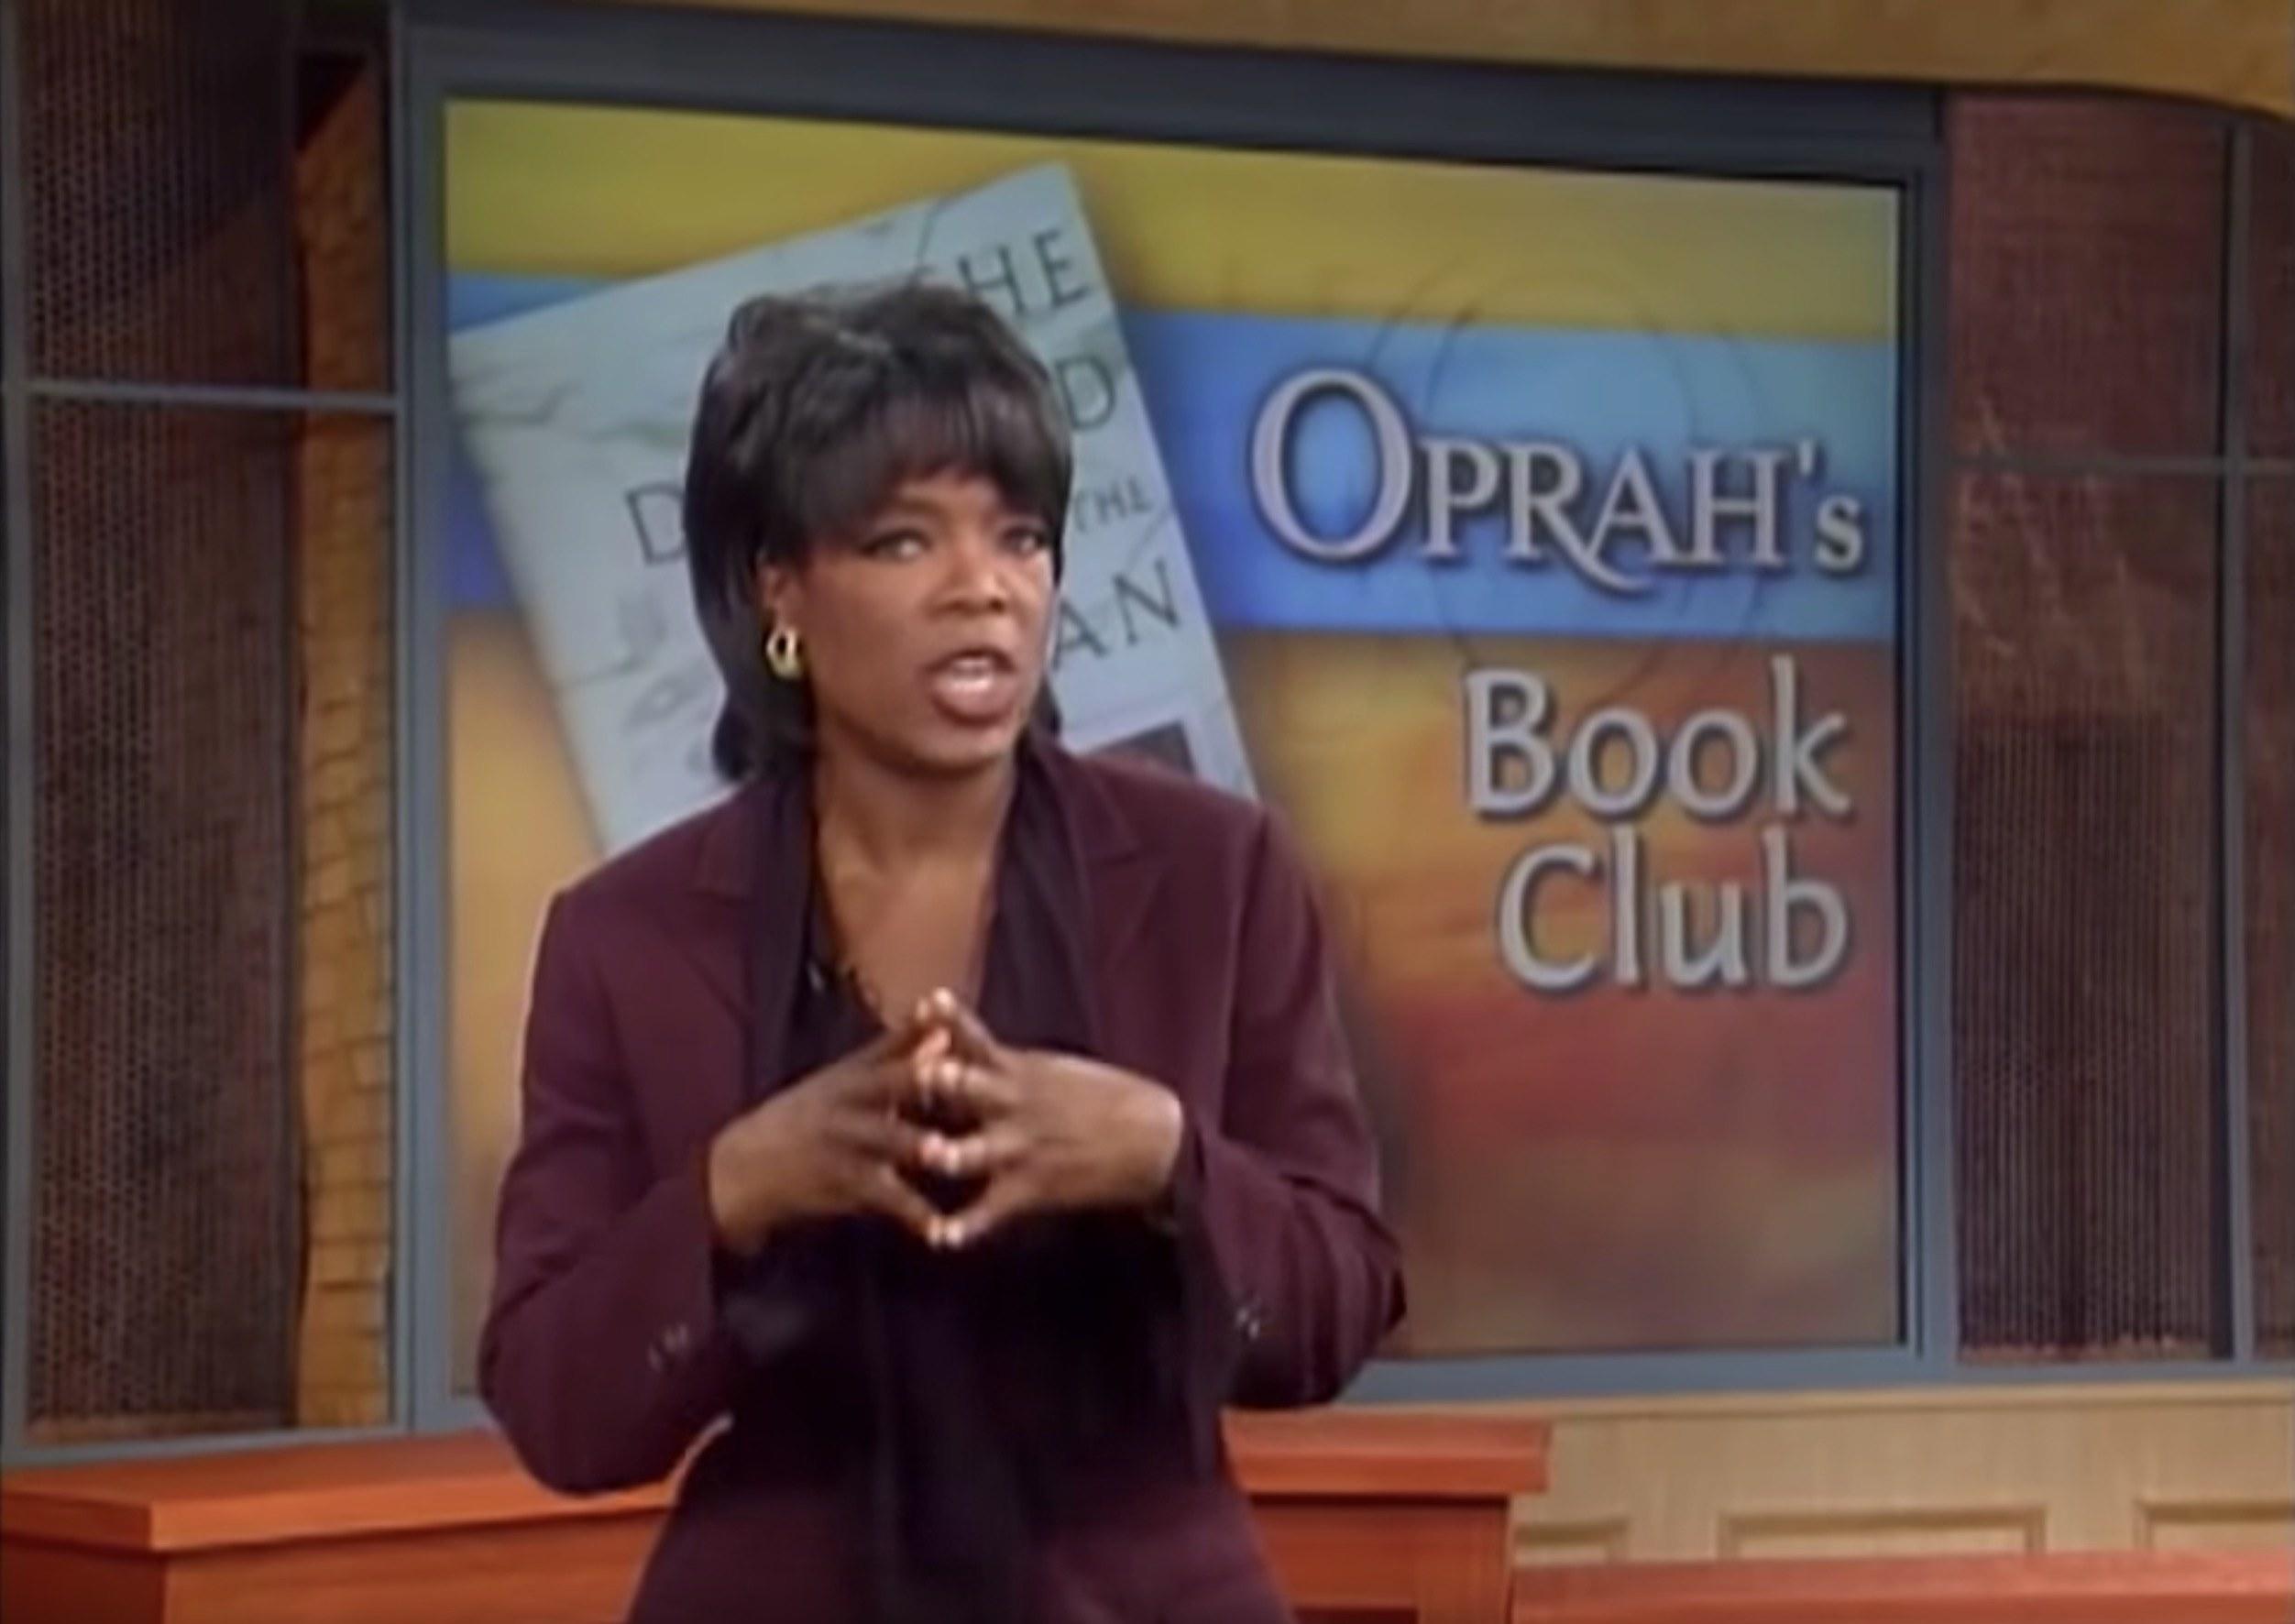 Oprah S Fall Is A Metaphor